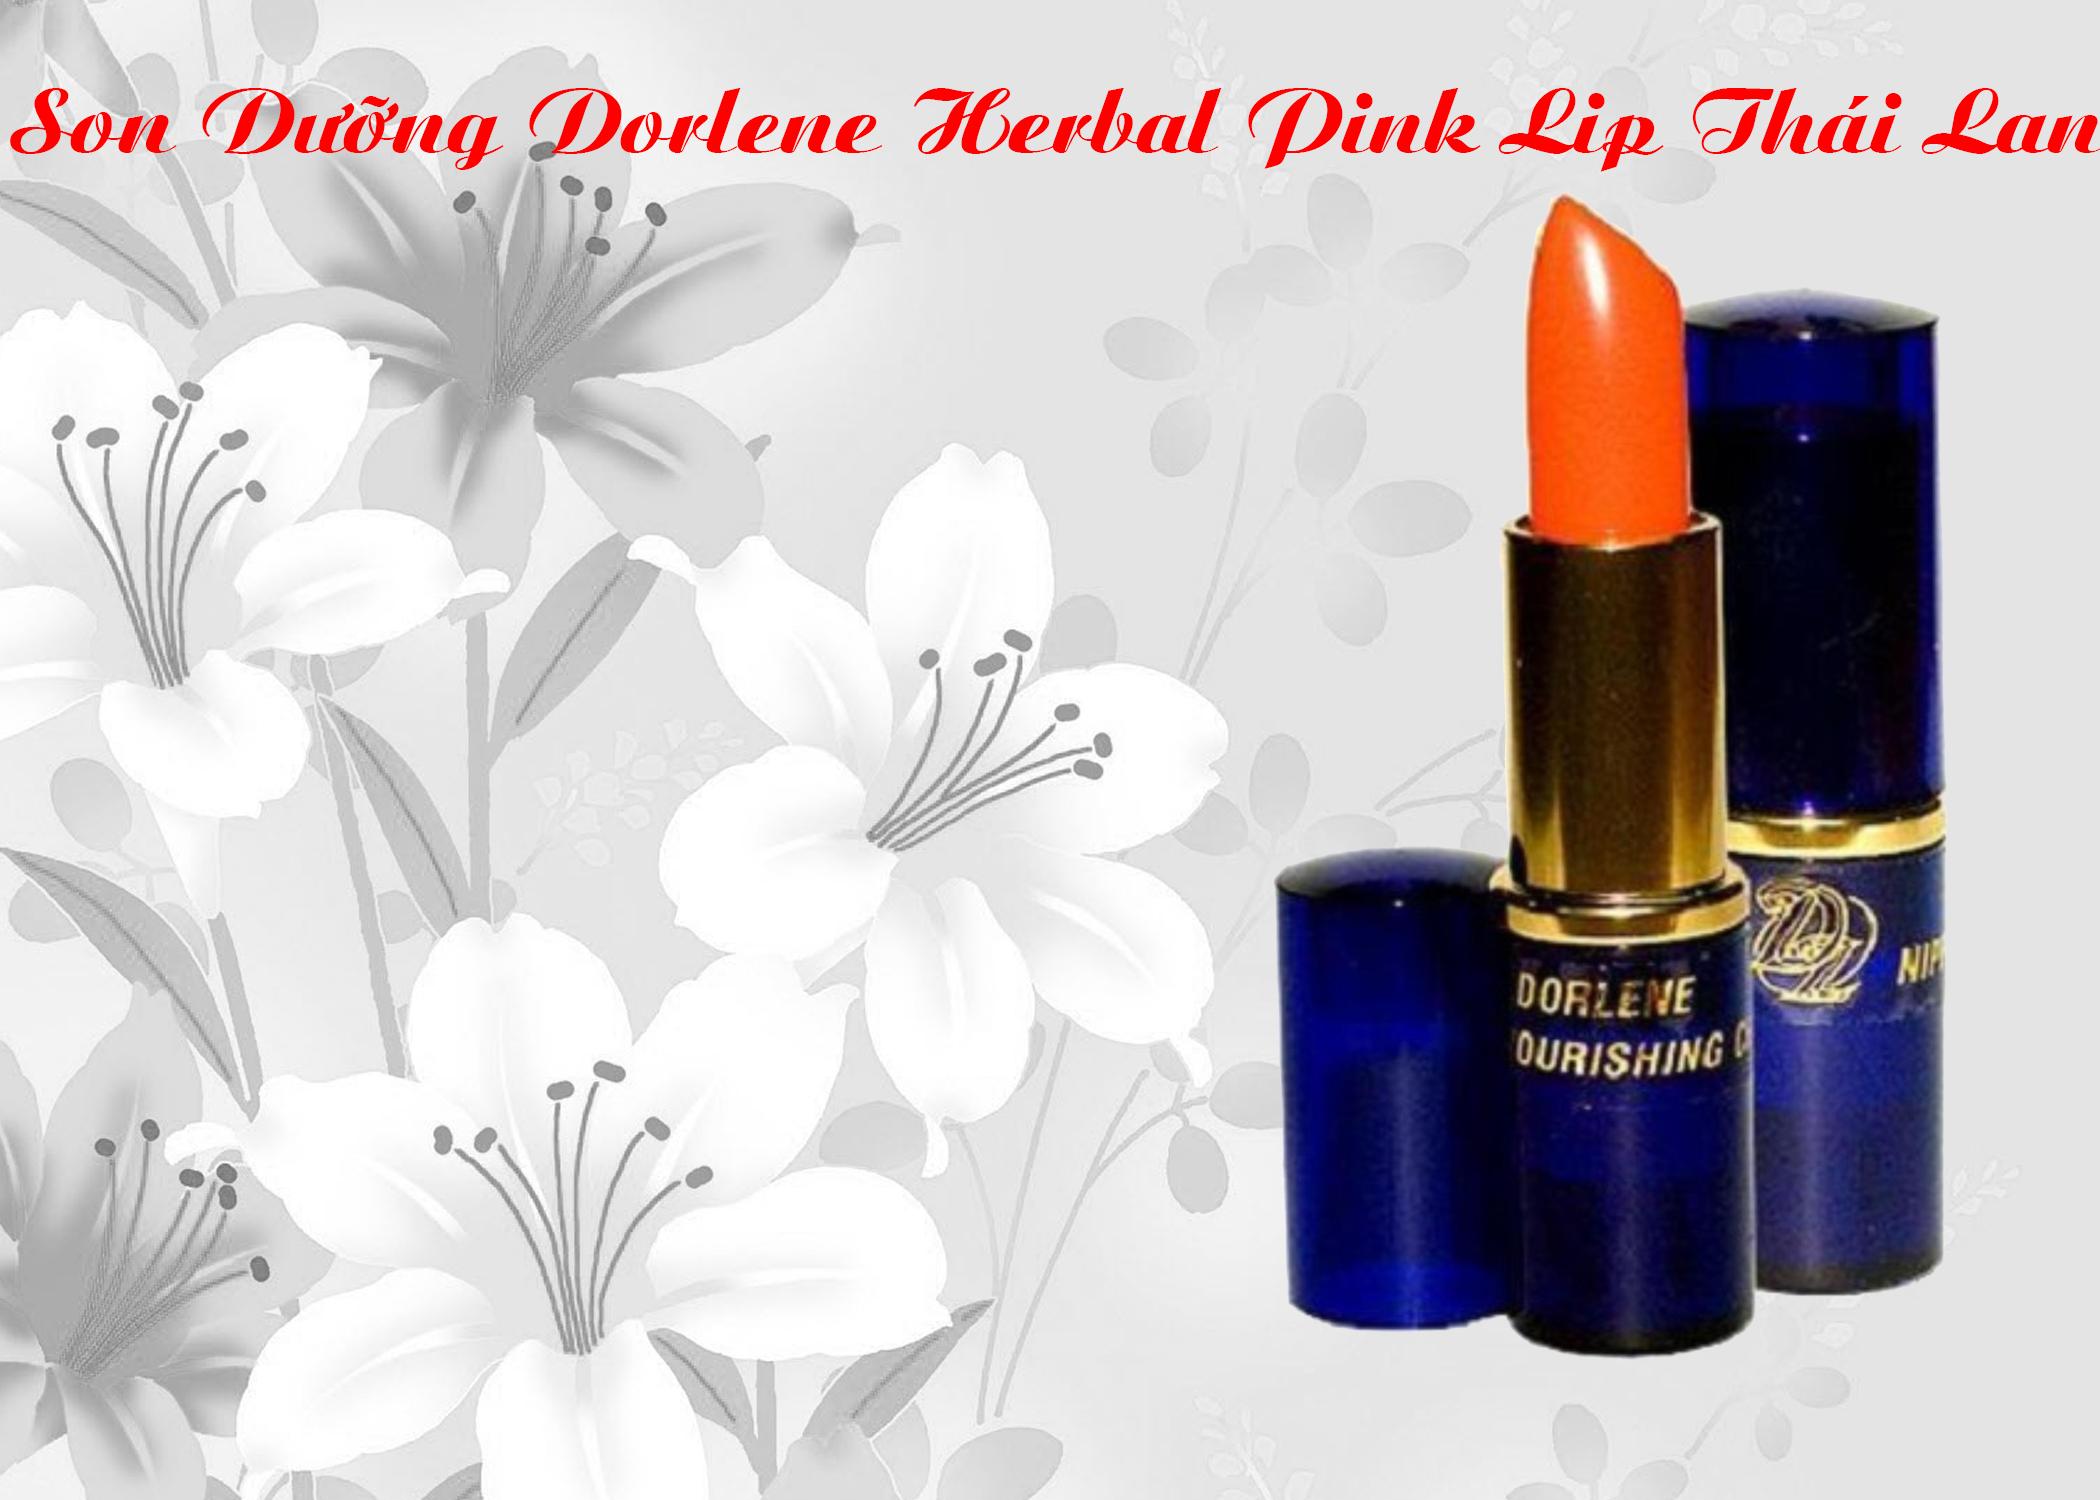 son-moi-son-duong-dorlene-herbal-pink-lip-thai-lan-737